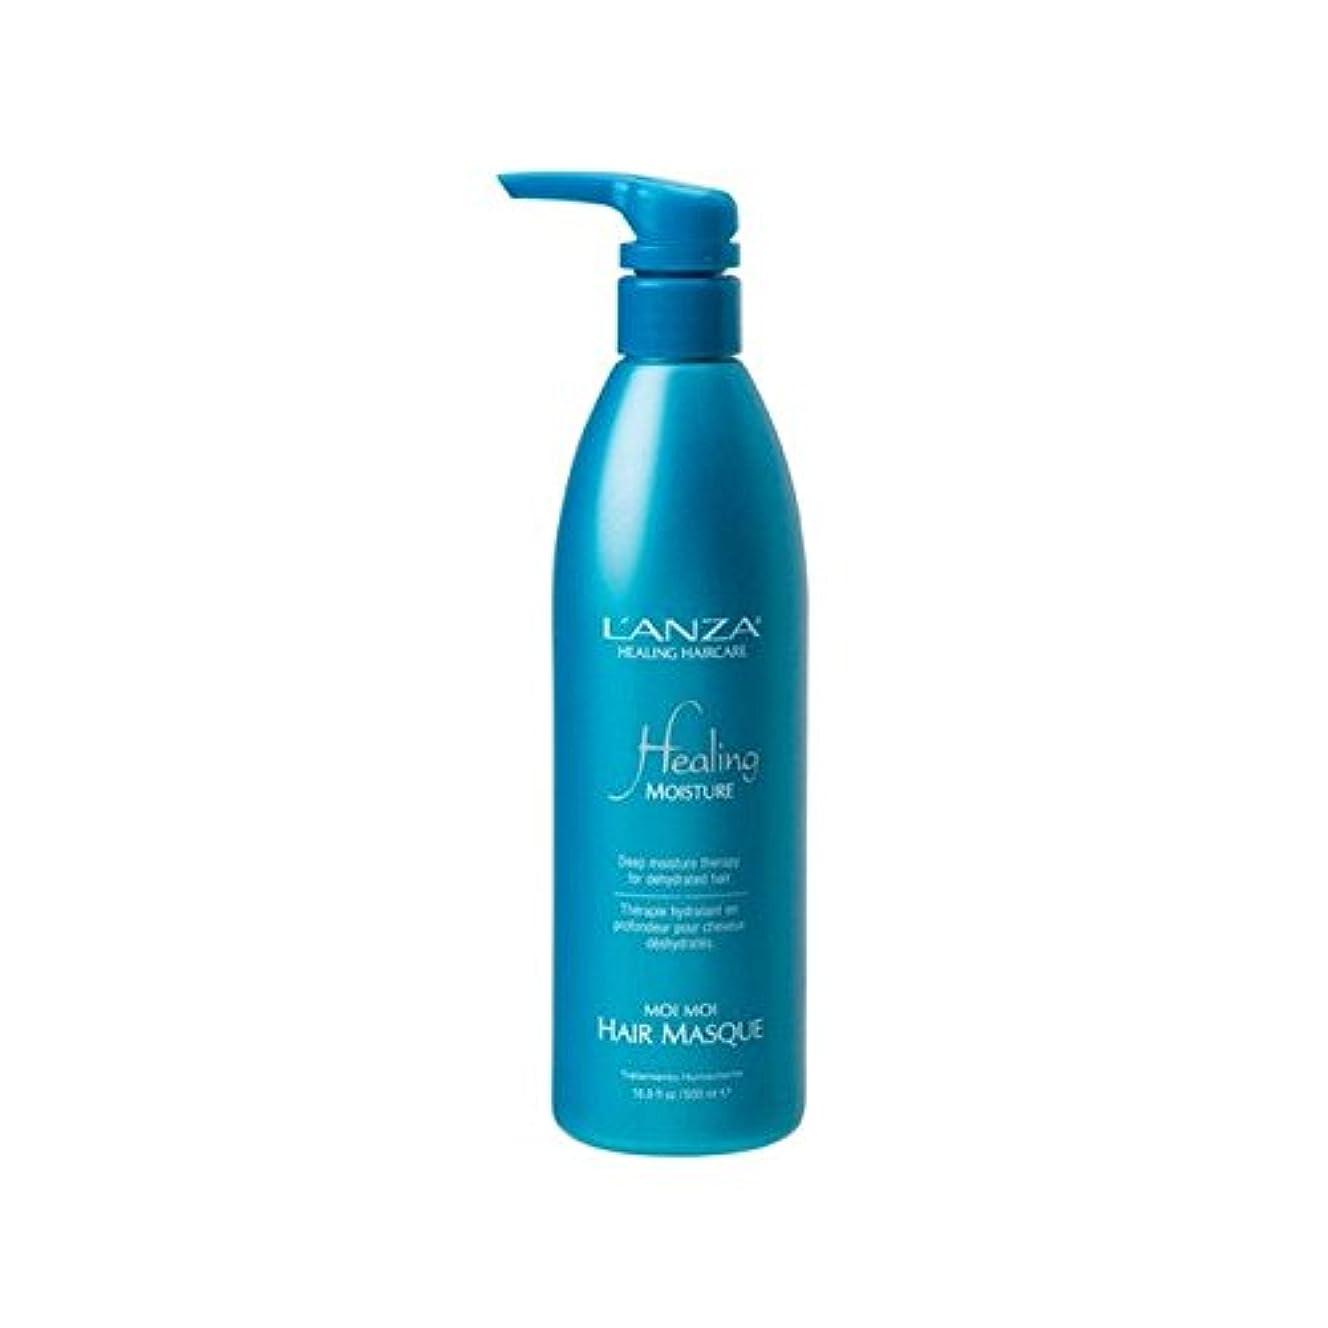 銃換気する蒸し器アンザ癒しの水分モイモイヘア仮面劇(500ミリリットル) x2 - L'Anza Healing Moisture Moi Moi Hair Masque (500ml) (Pack of 2) [並行輸入品]